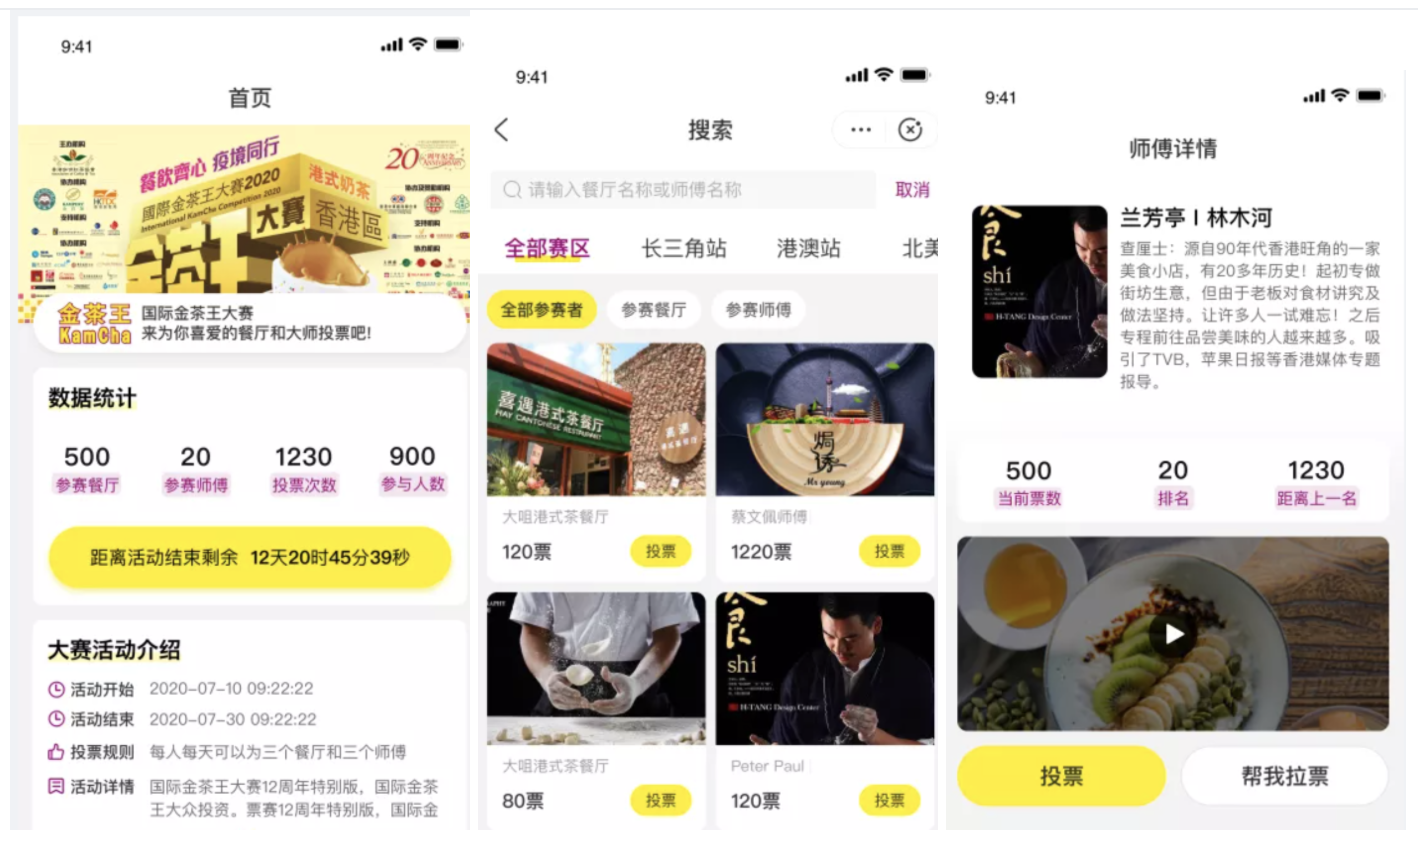 crudapi增删改查接口零代码产品成功案例之金茶王投票系统